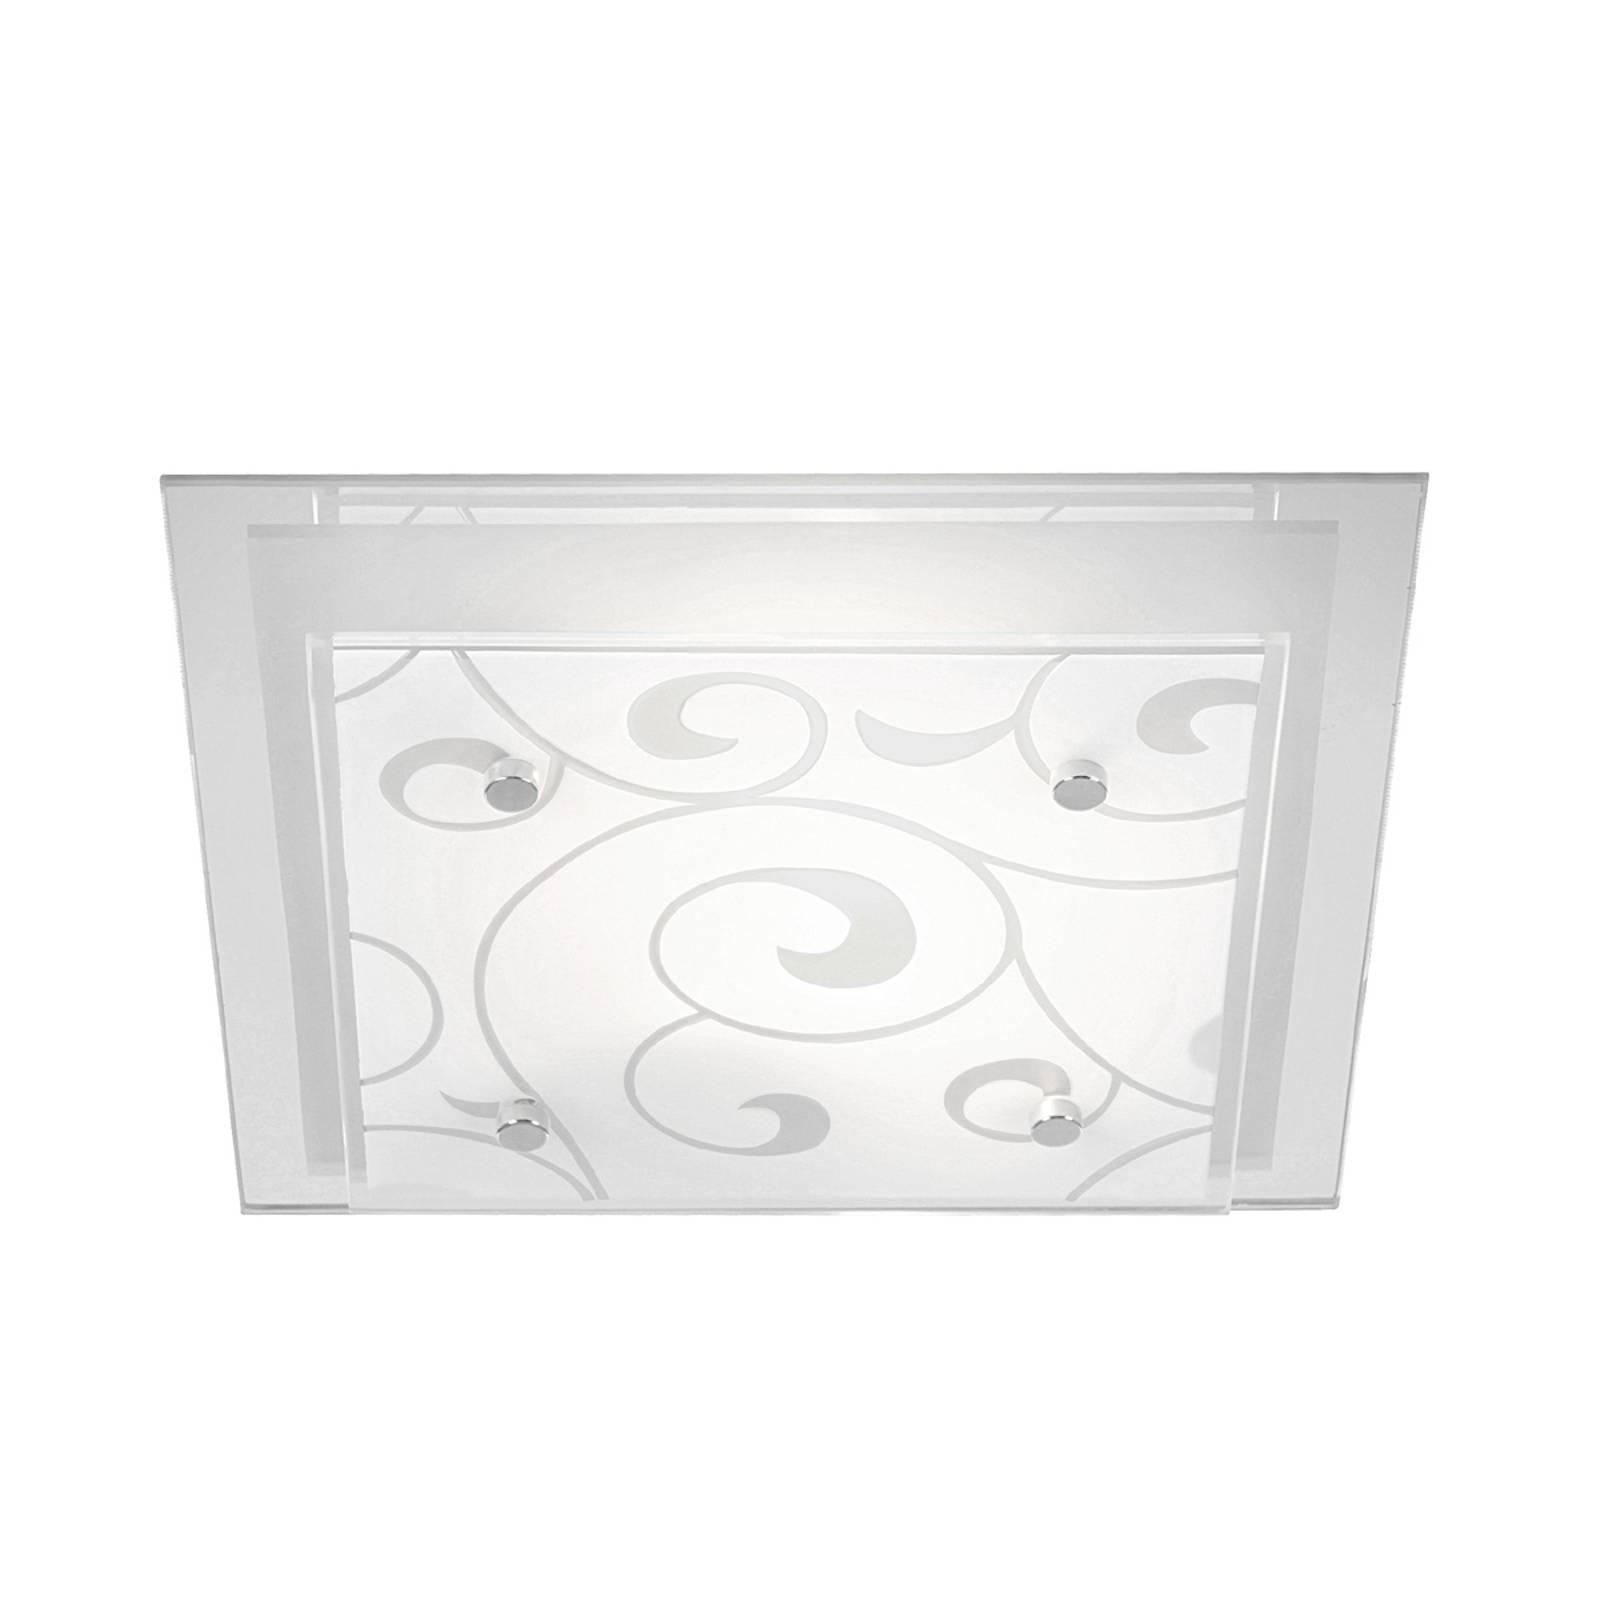 DIA - elegante plafondlamp, 33,5 cm